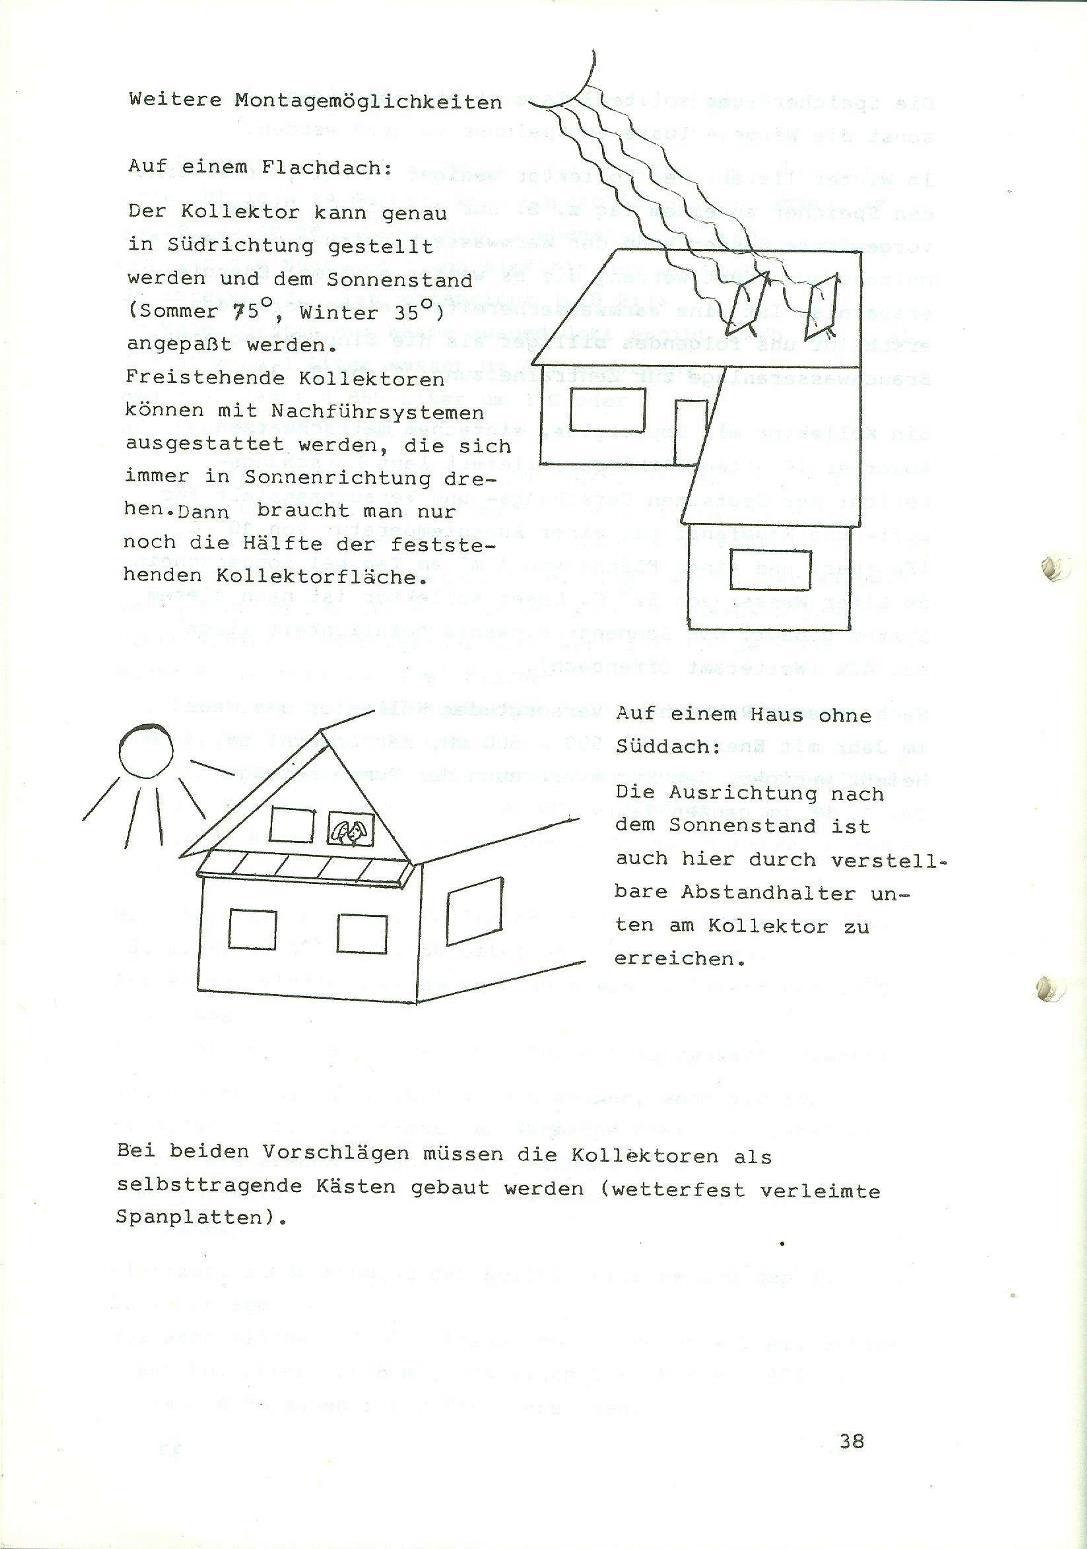 Hessen_AKW095